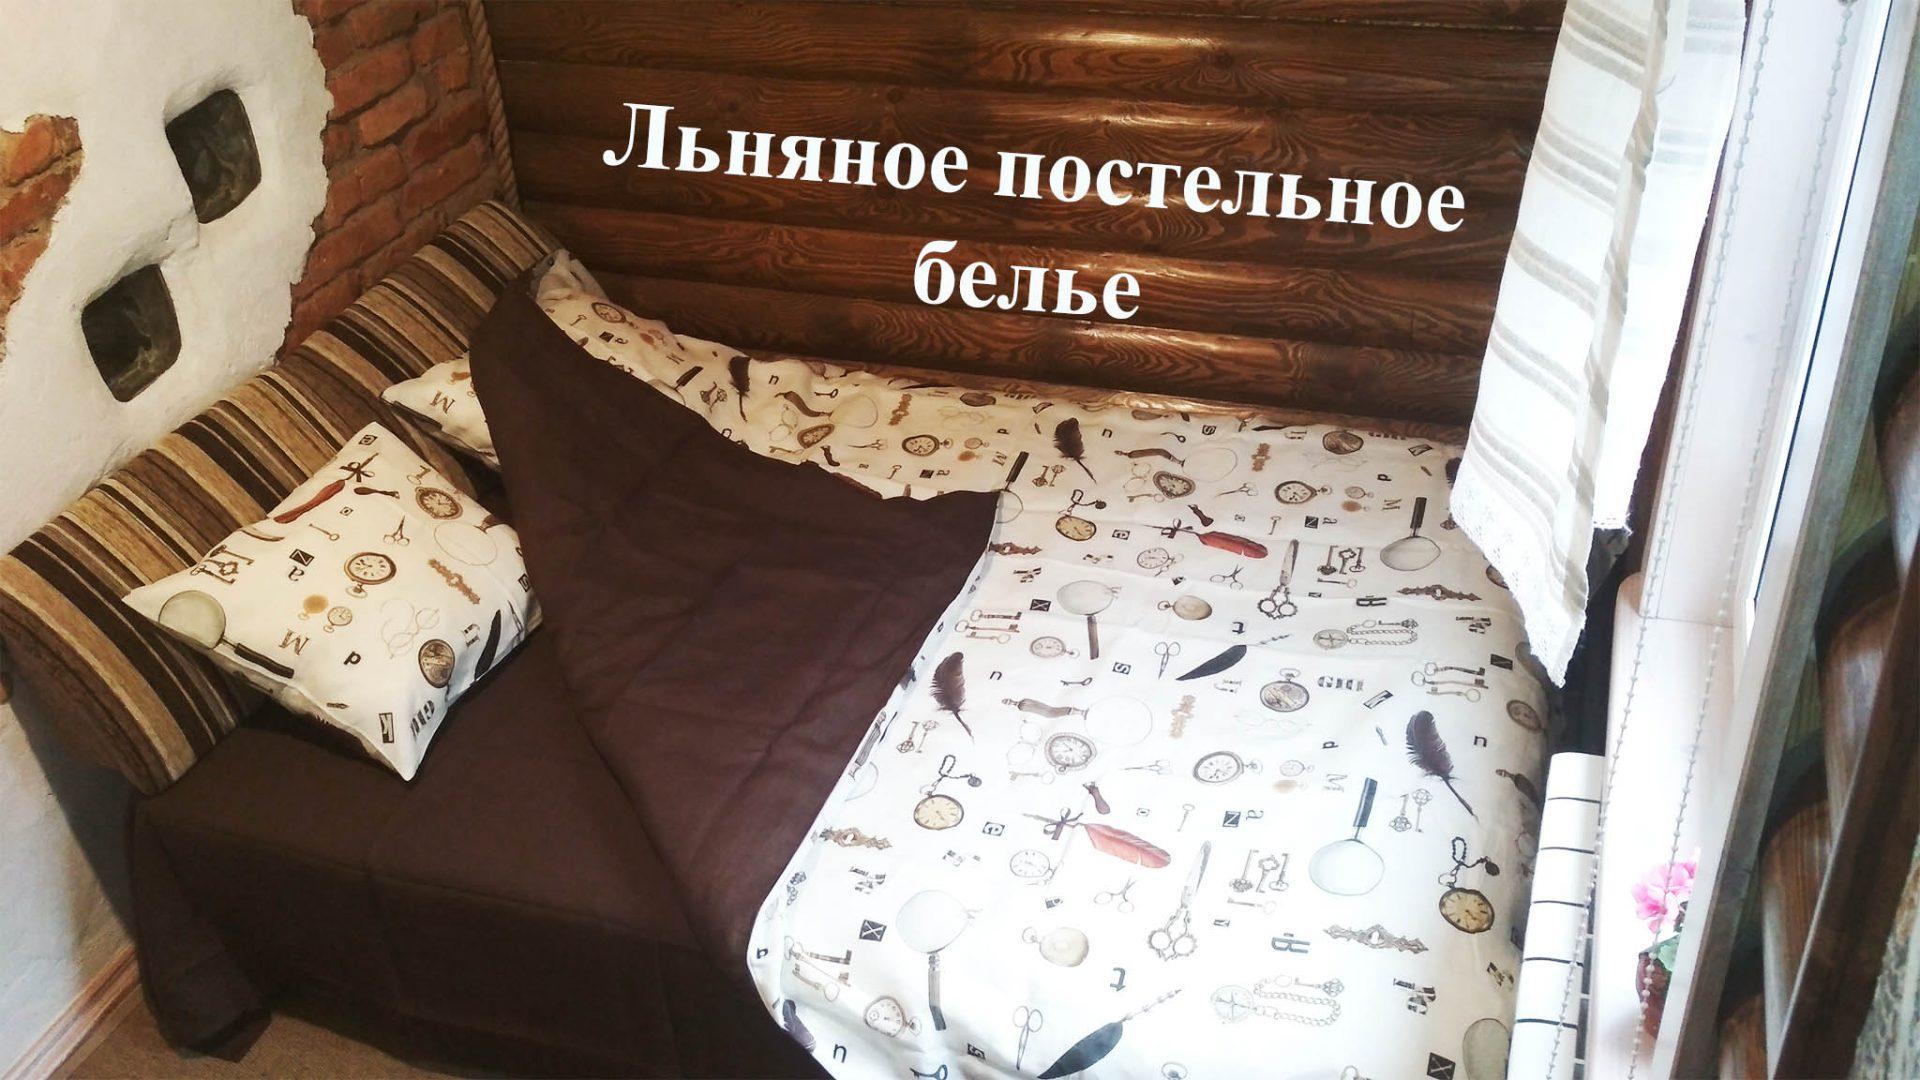 Аренда двухместной комнаты с льняным постельным на сутки фото